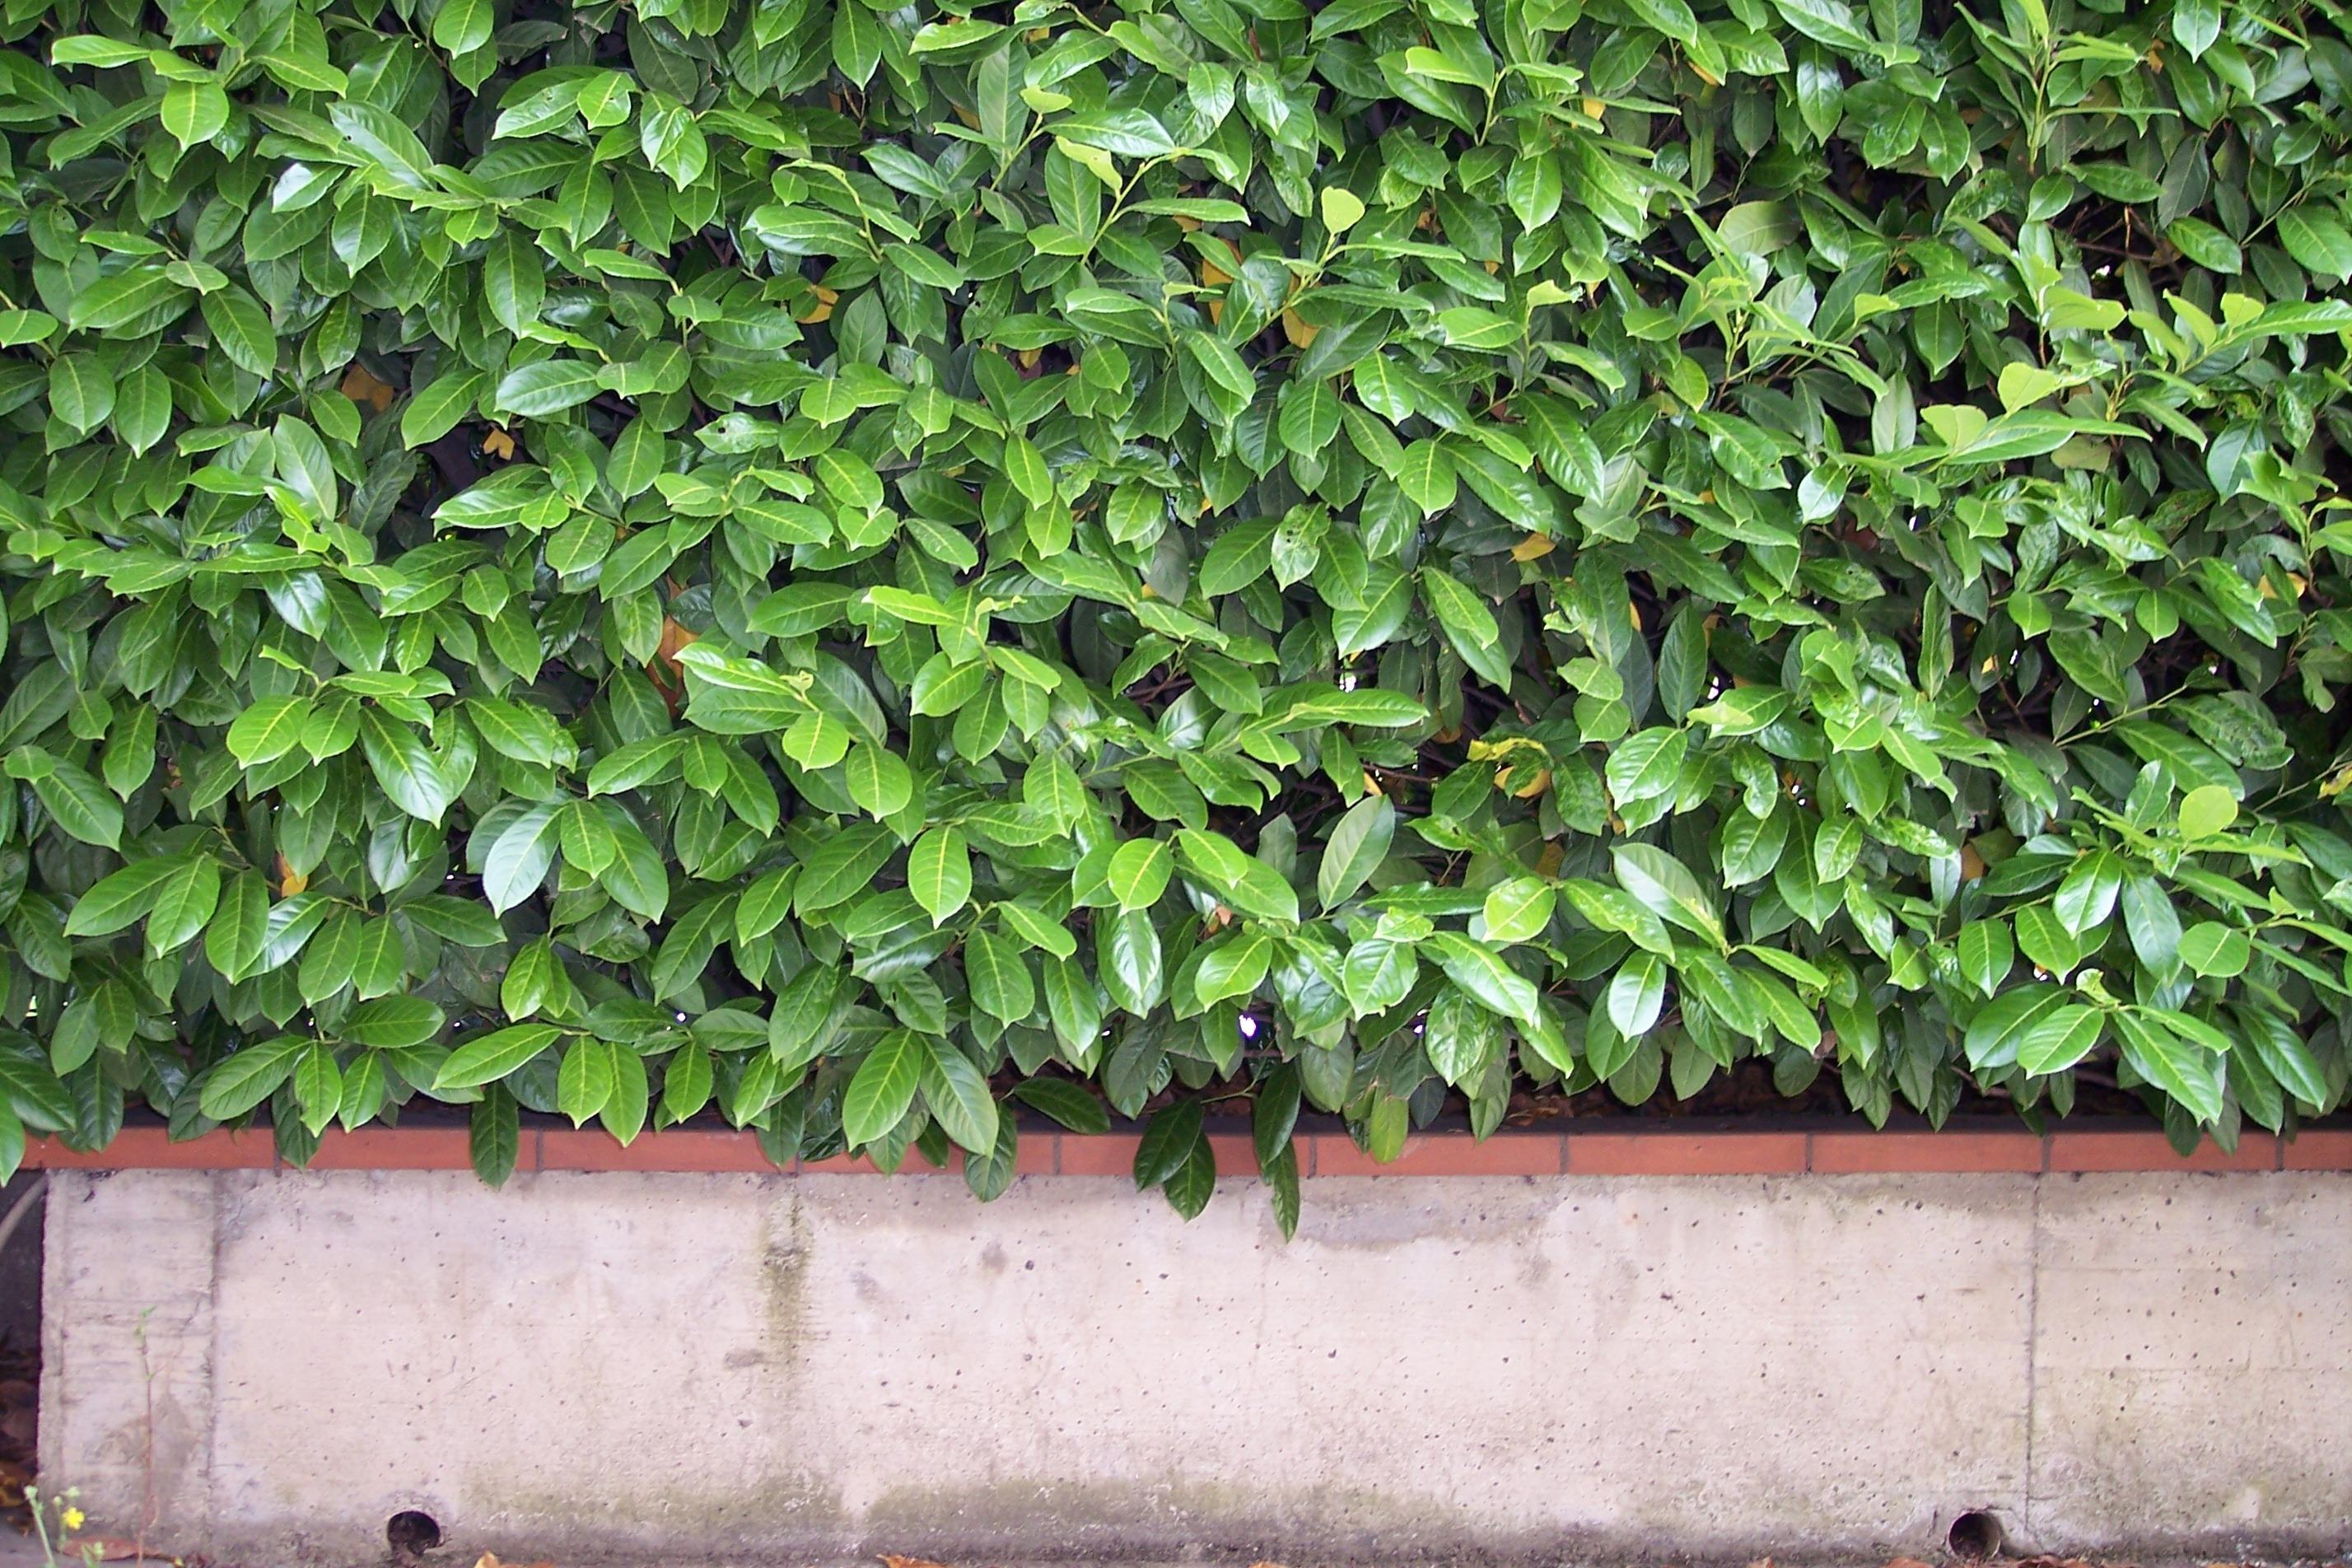 Kostenlose foto Baum Ast Blatt Blume Grün produzieren Efeu